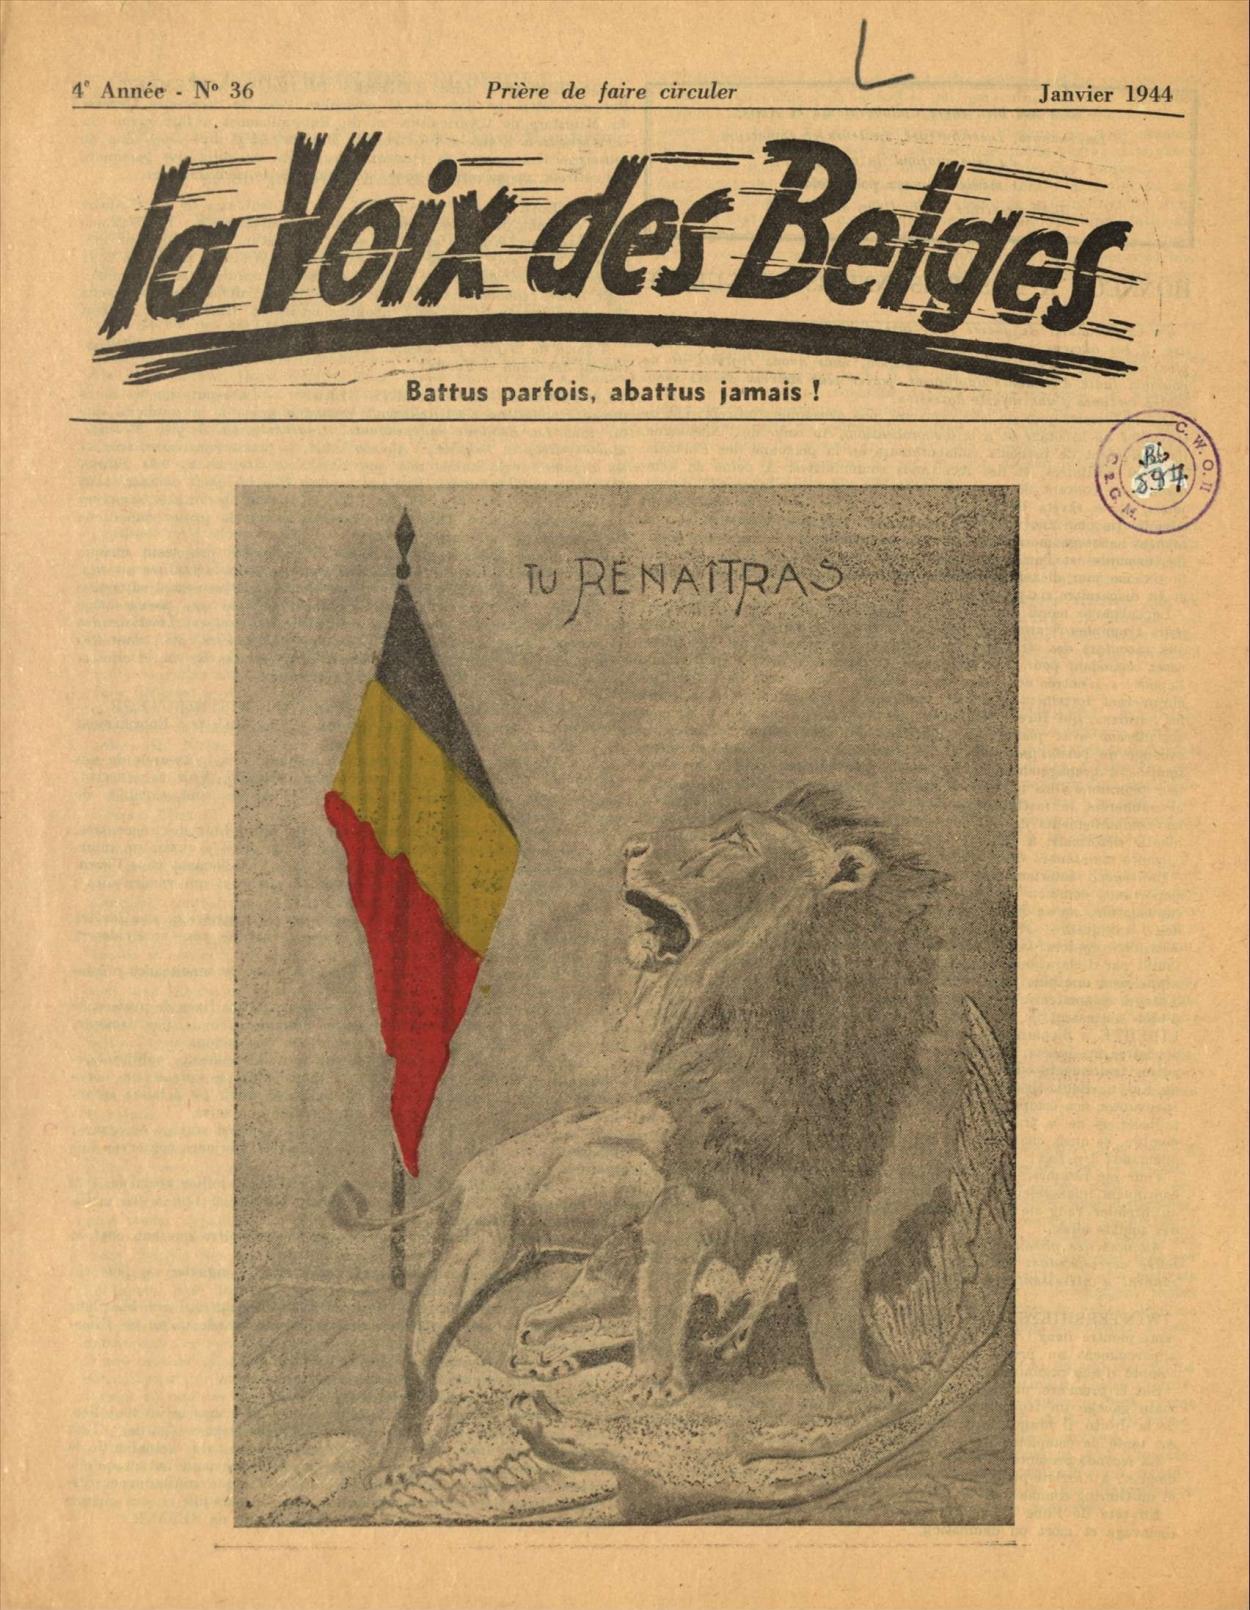 La Voix des Belges